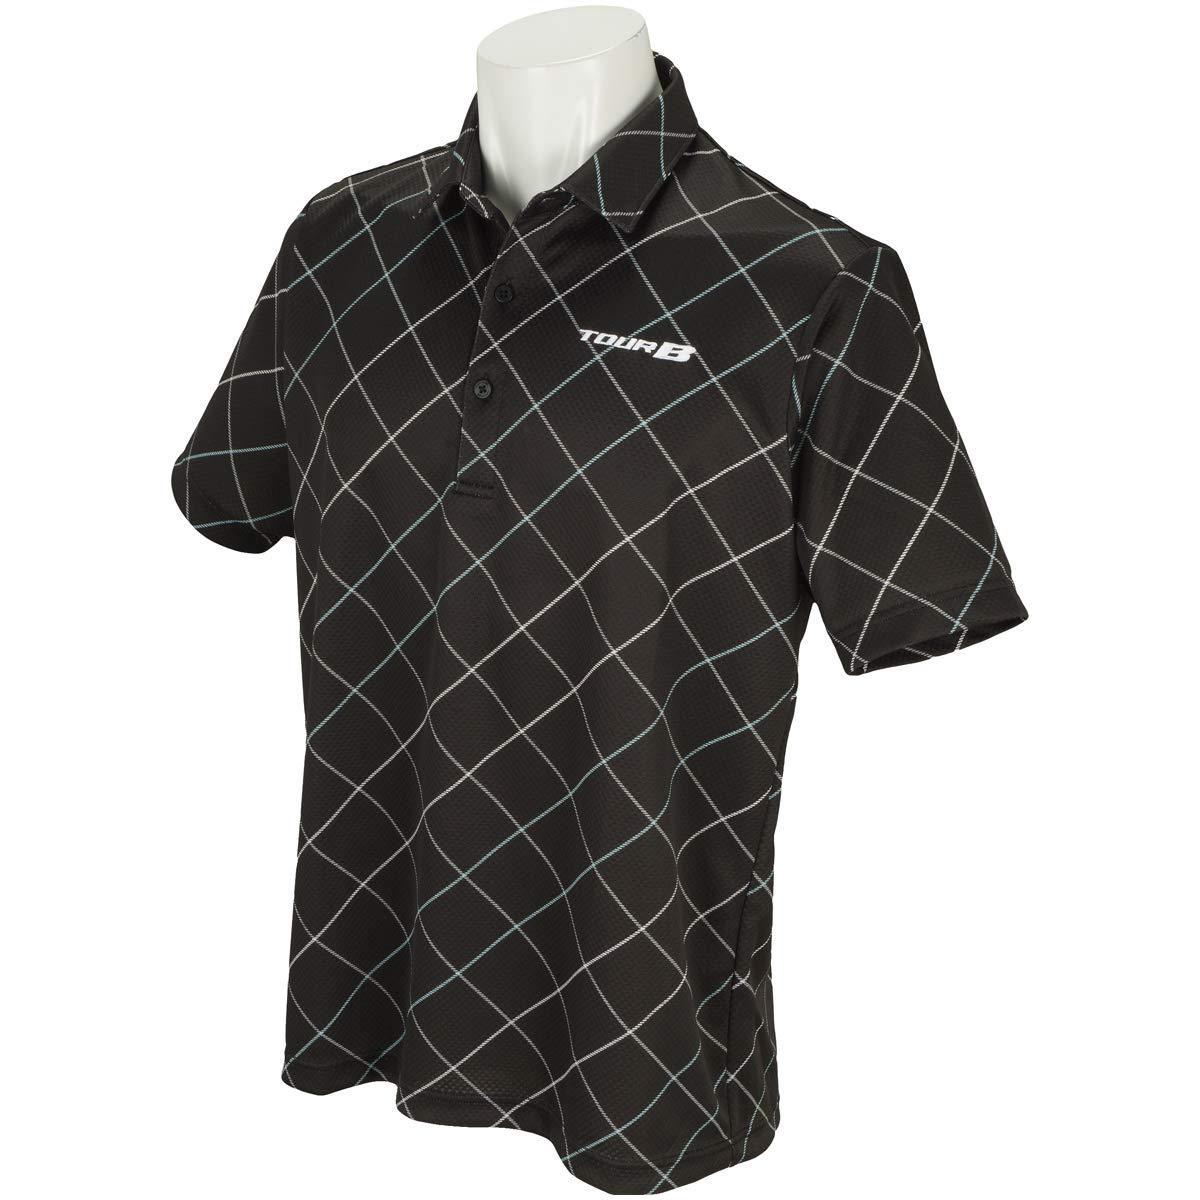 ブリヂストン TOUR B 半袖シャツポロシャツ 半袖ポロシャツ ブラック 3L   B07PJ3RN59